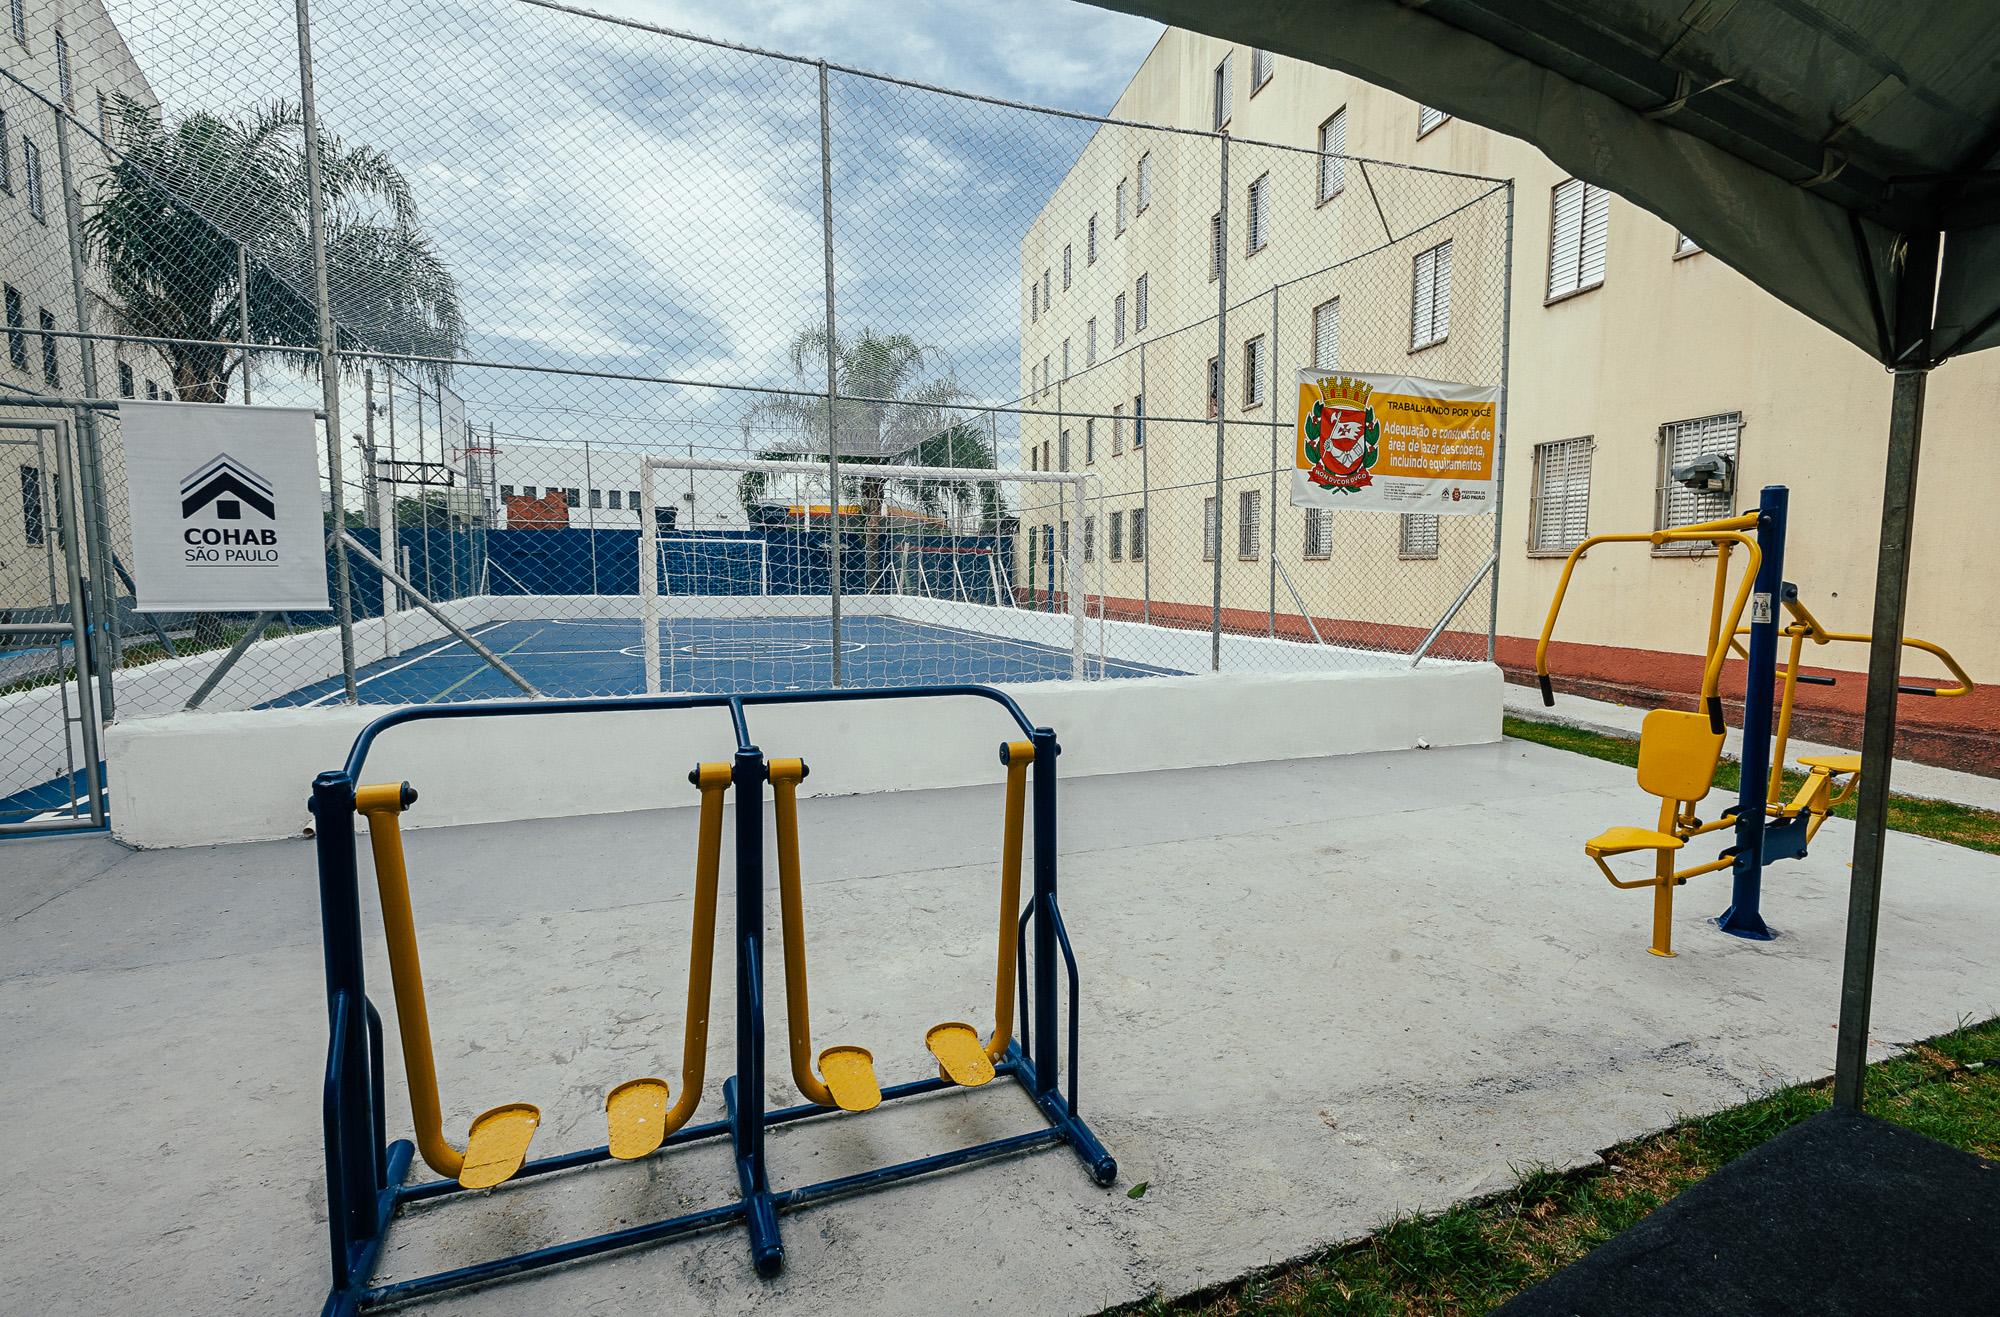 Equipamentos de ginástica, ao fundo a quadra poliesportiva entregues no Conjunto Habitacional Minas Gás